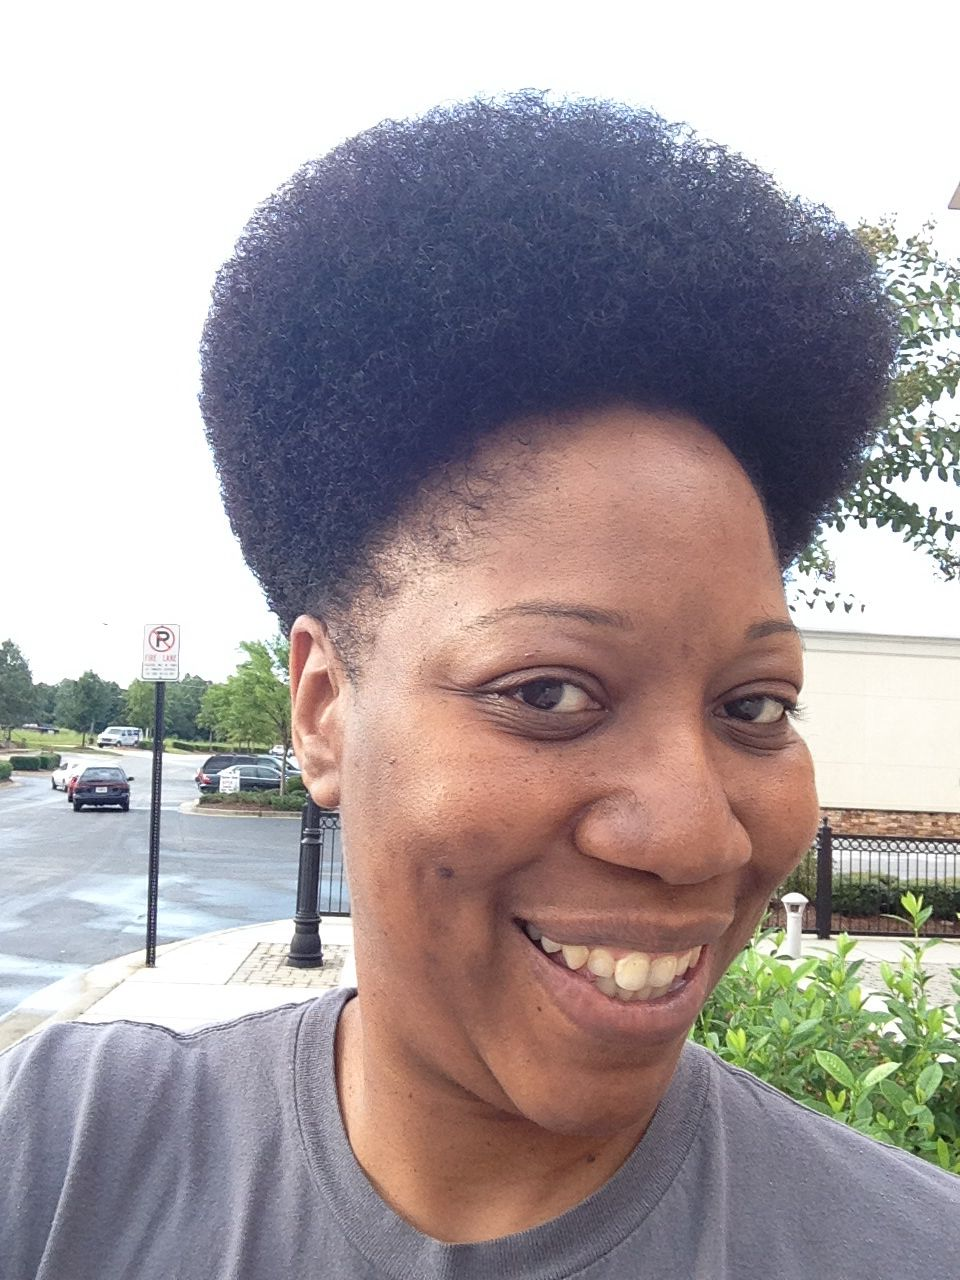 Fresh Shape Up Today Tapered Natural Hair Sports Barber Shop Covington Ga Tapered Twa Tapered Natural Hair Twa